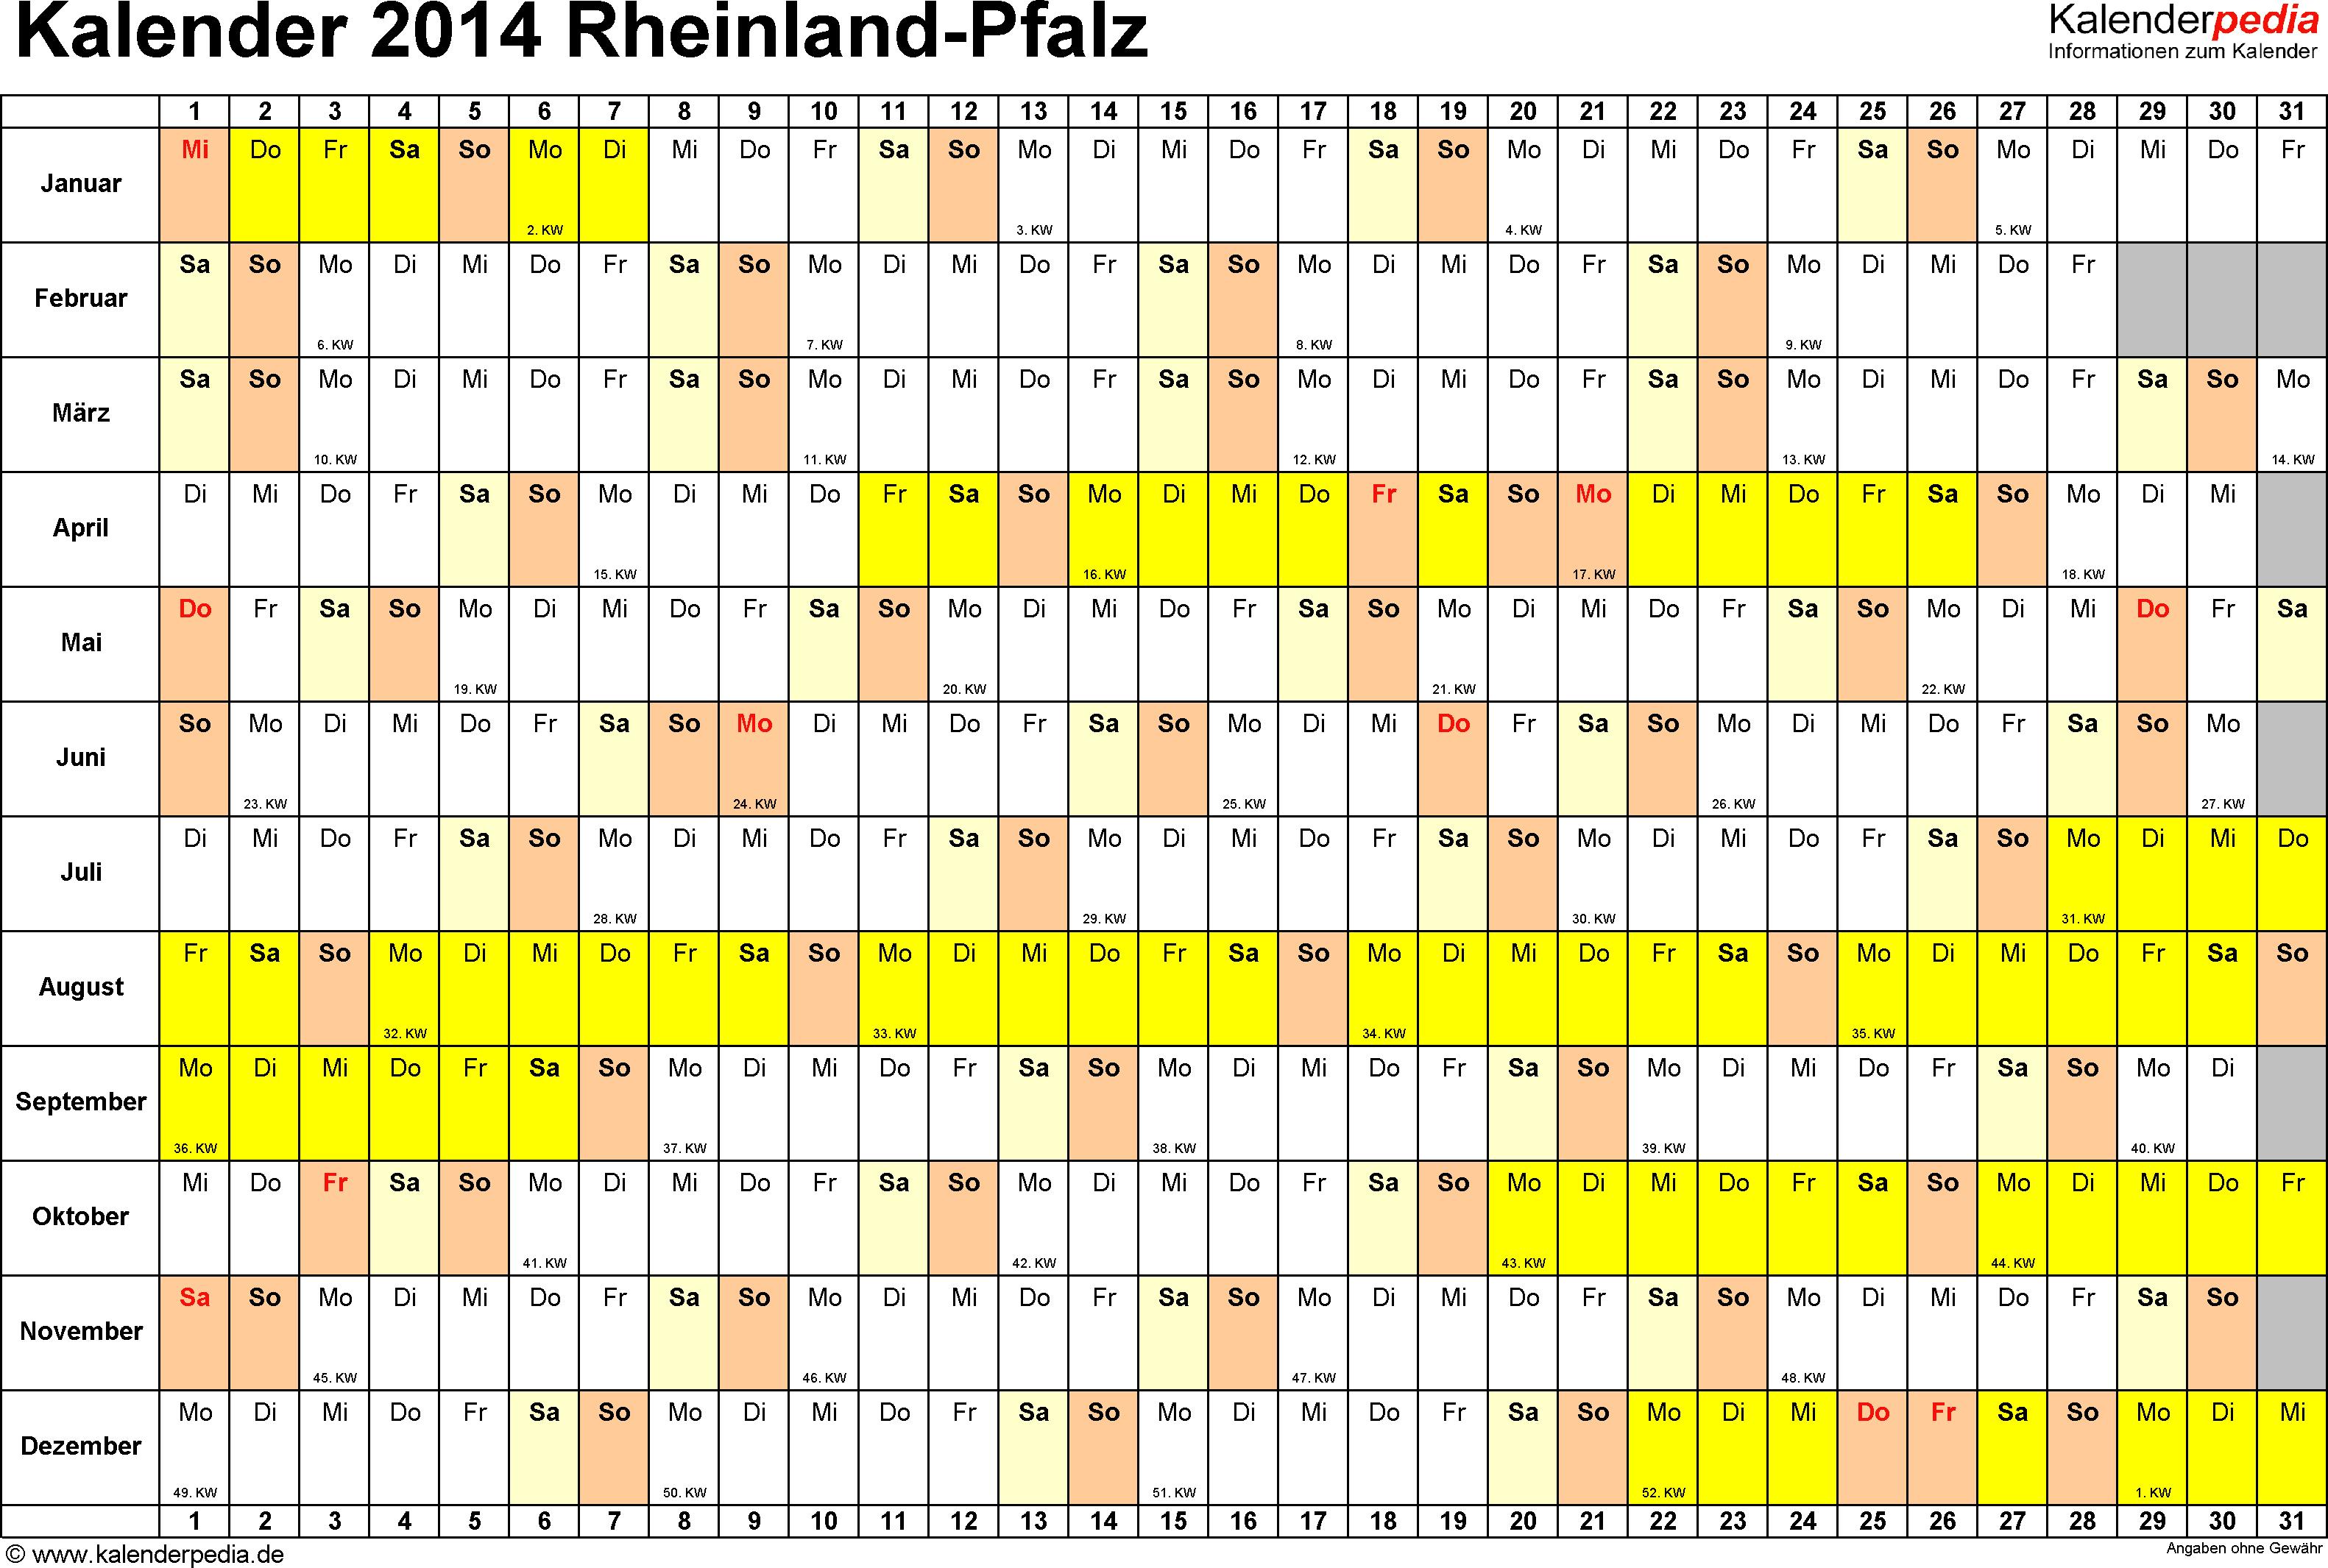 Vorlage 3: Kalender Rheinland-Pfalz 2014 im Querformat, Tage nebeneinander